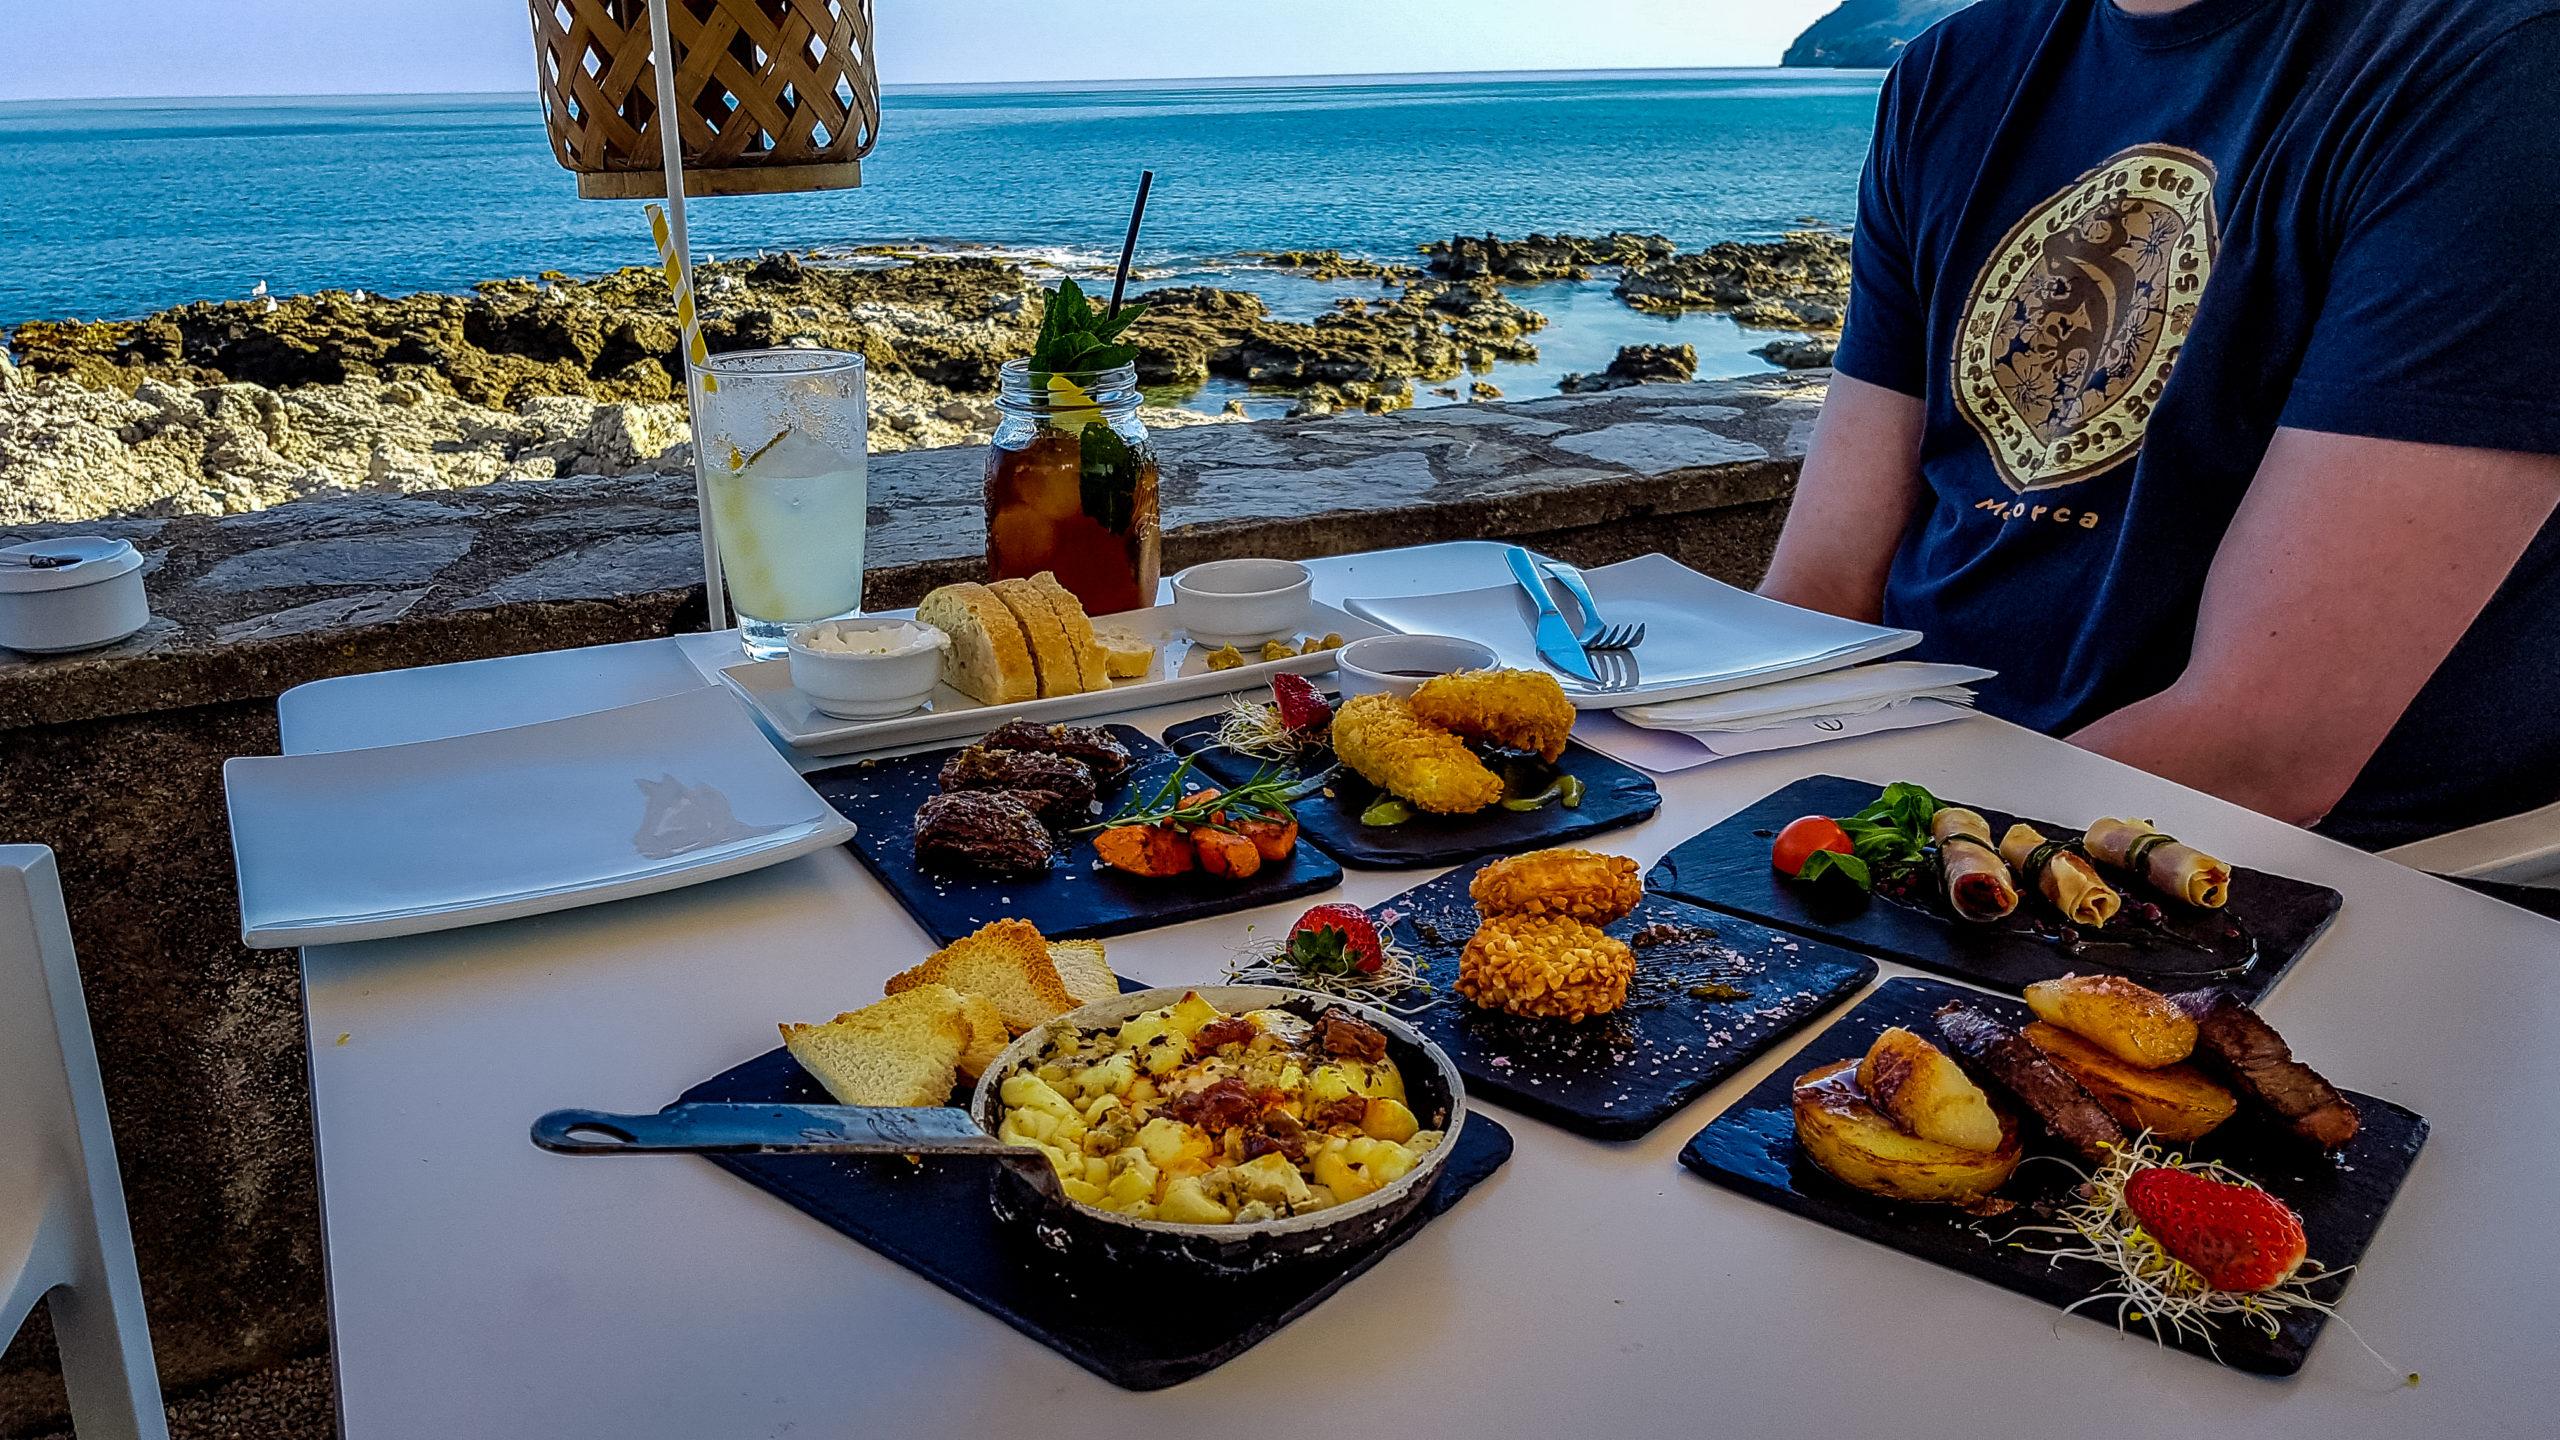 Meine Top 5 Mallorca Restaurant-Tipps 2019 6